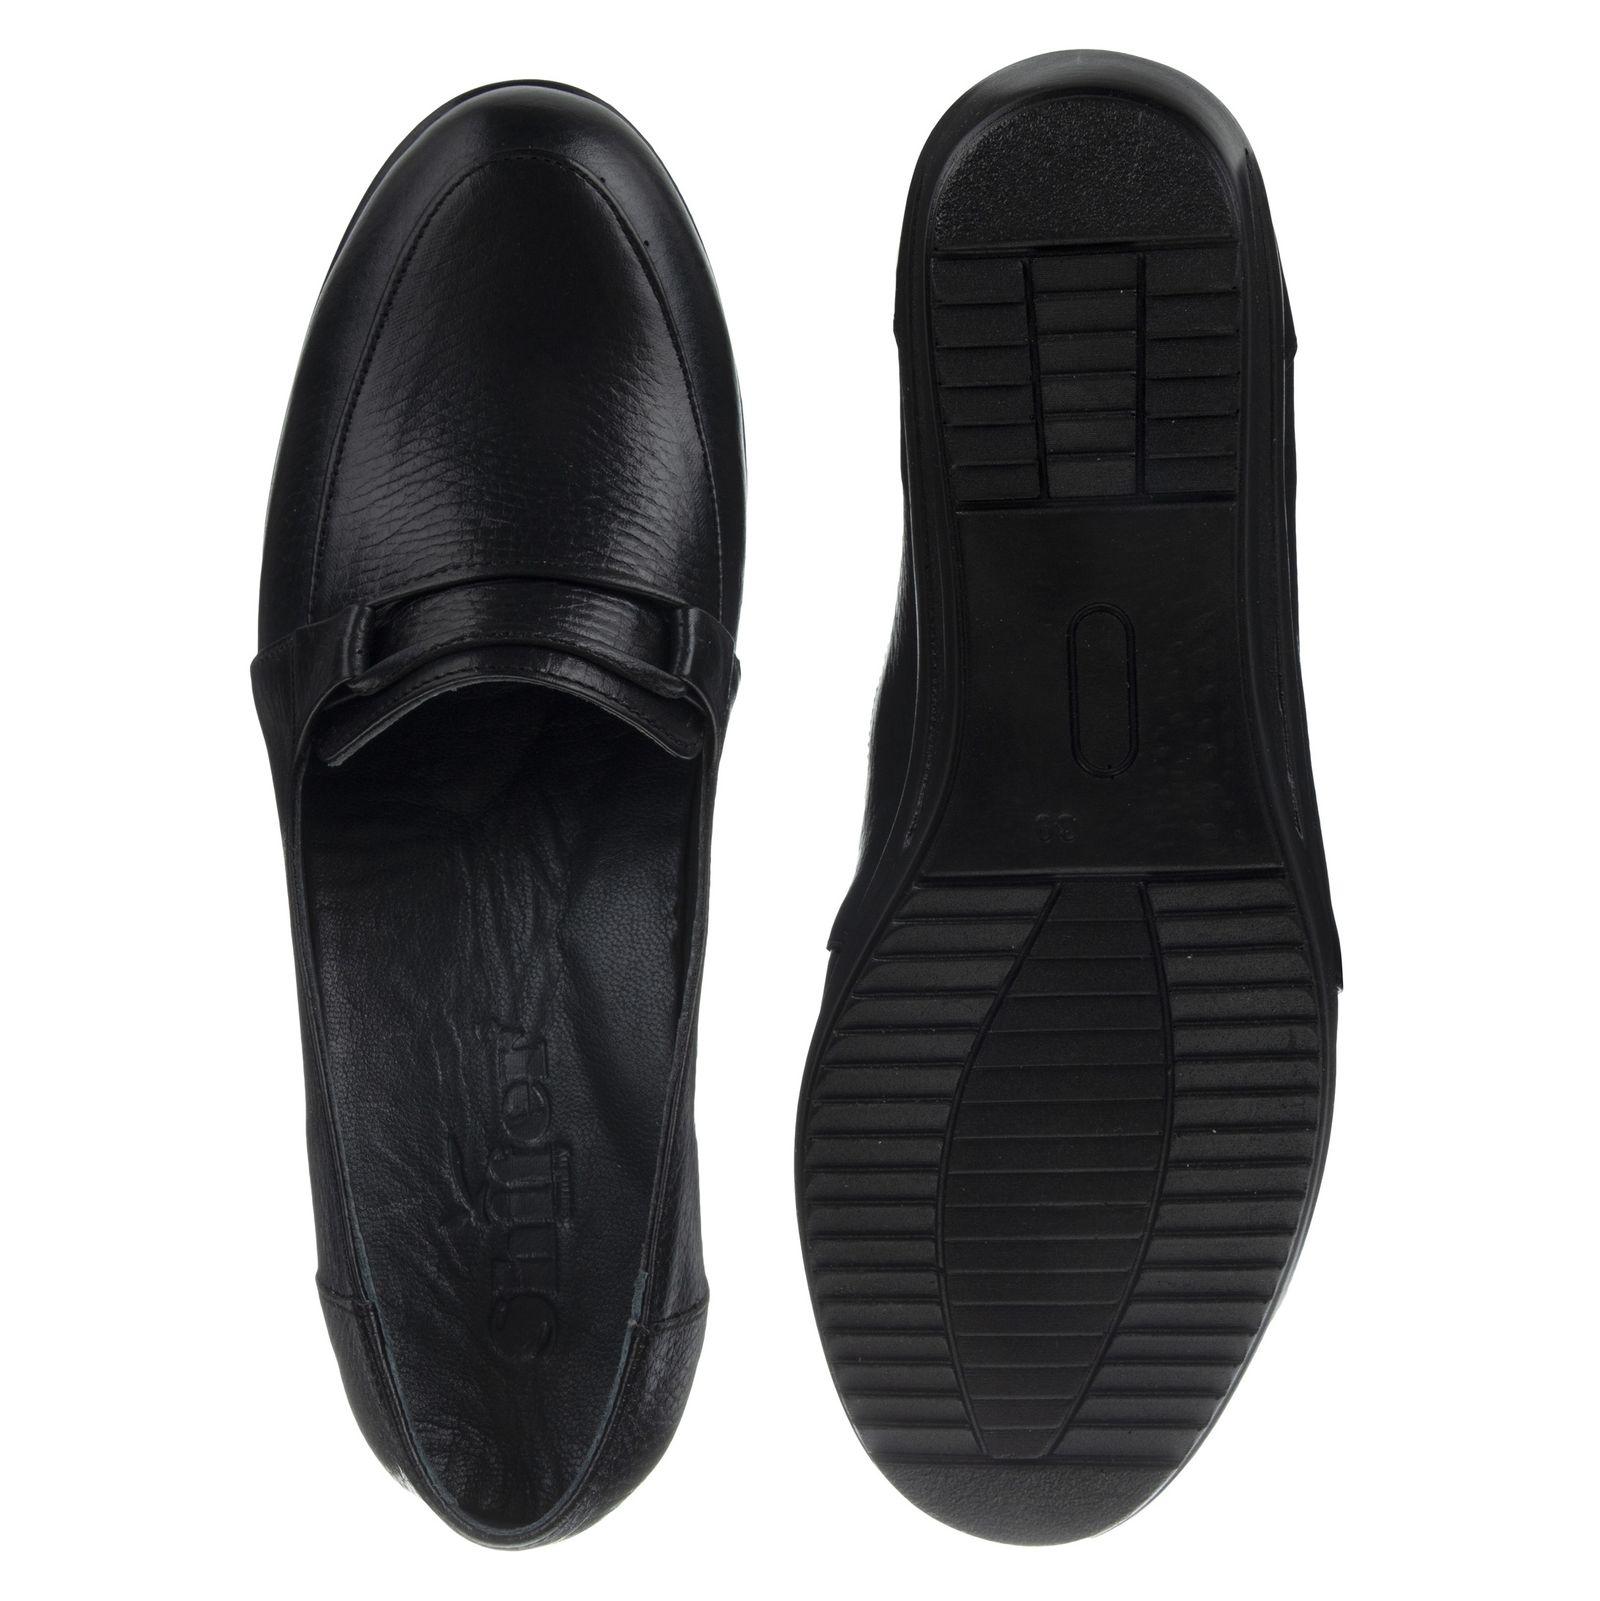 کفش روزمره زنانه شیفر مدل 5279A-101 - مشکی - 6